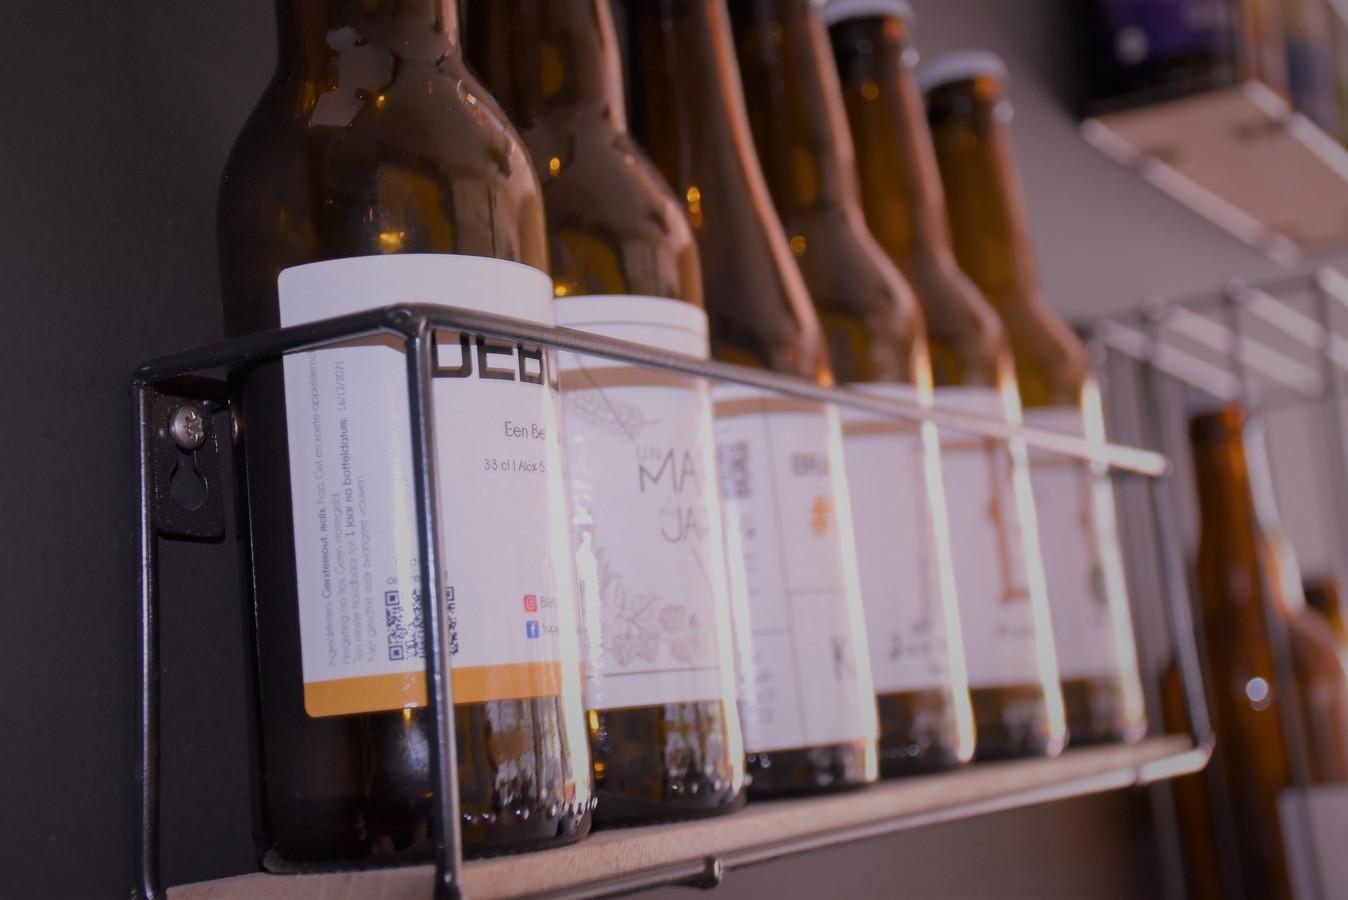 Enkele bieren die te verkrijgen zijn in de zaak.